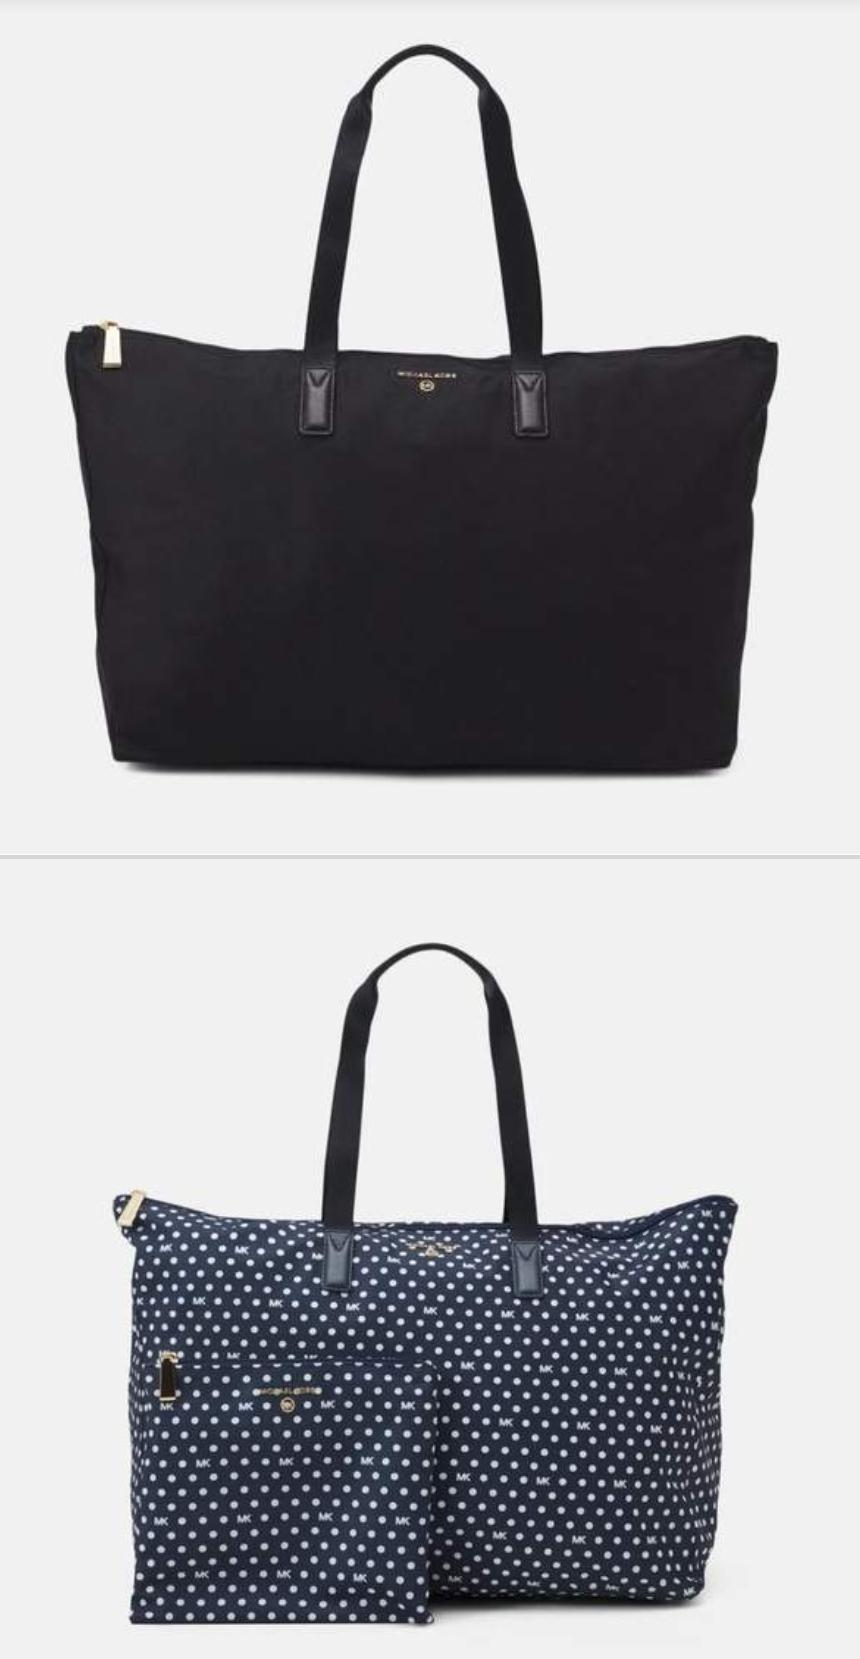 Michael Kors Jet Set Travel Packable Tote Set Bag & Washbag £77.99 / £67.99 with newsletter up Black or Blue Free Delivery @ Zalando